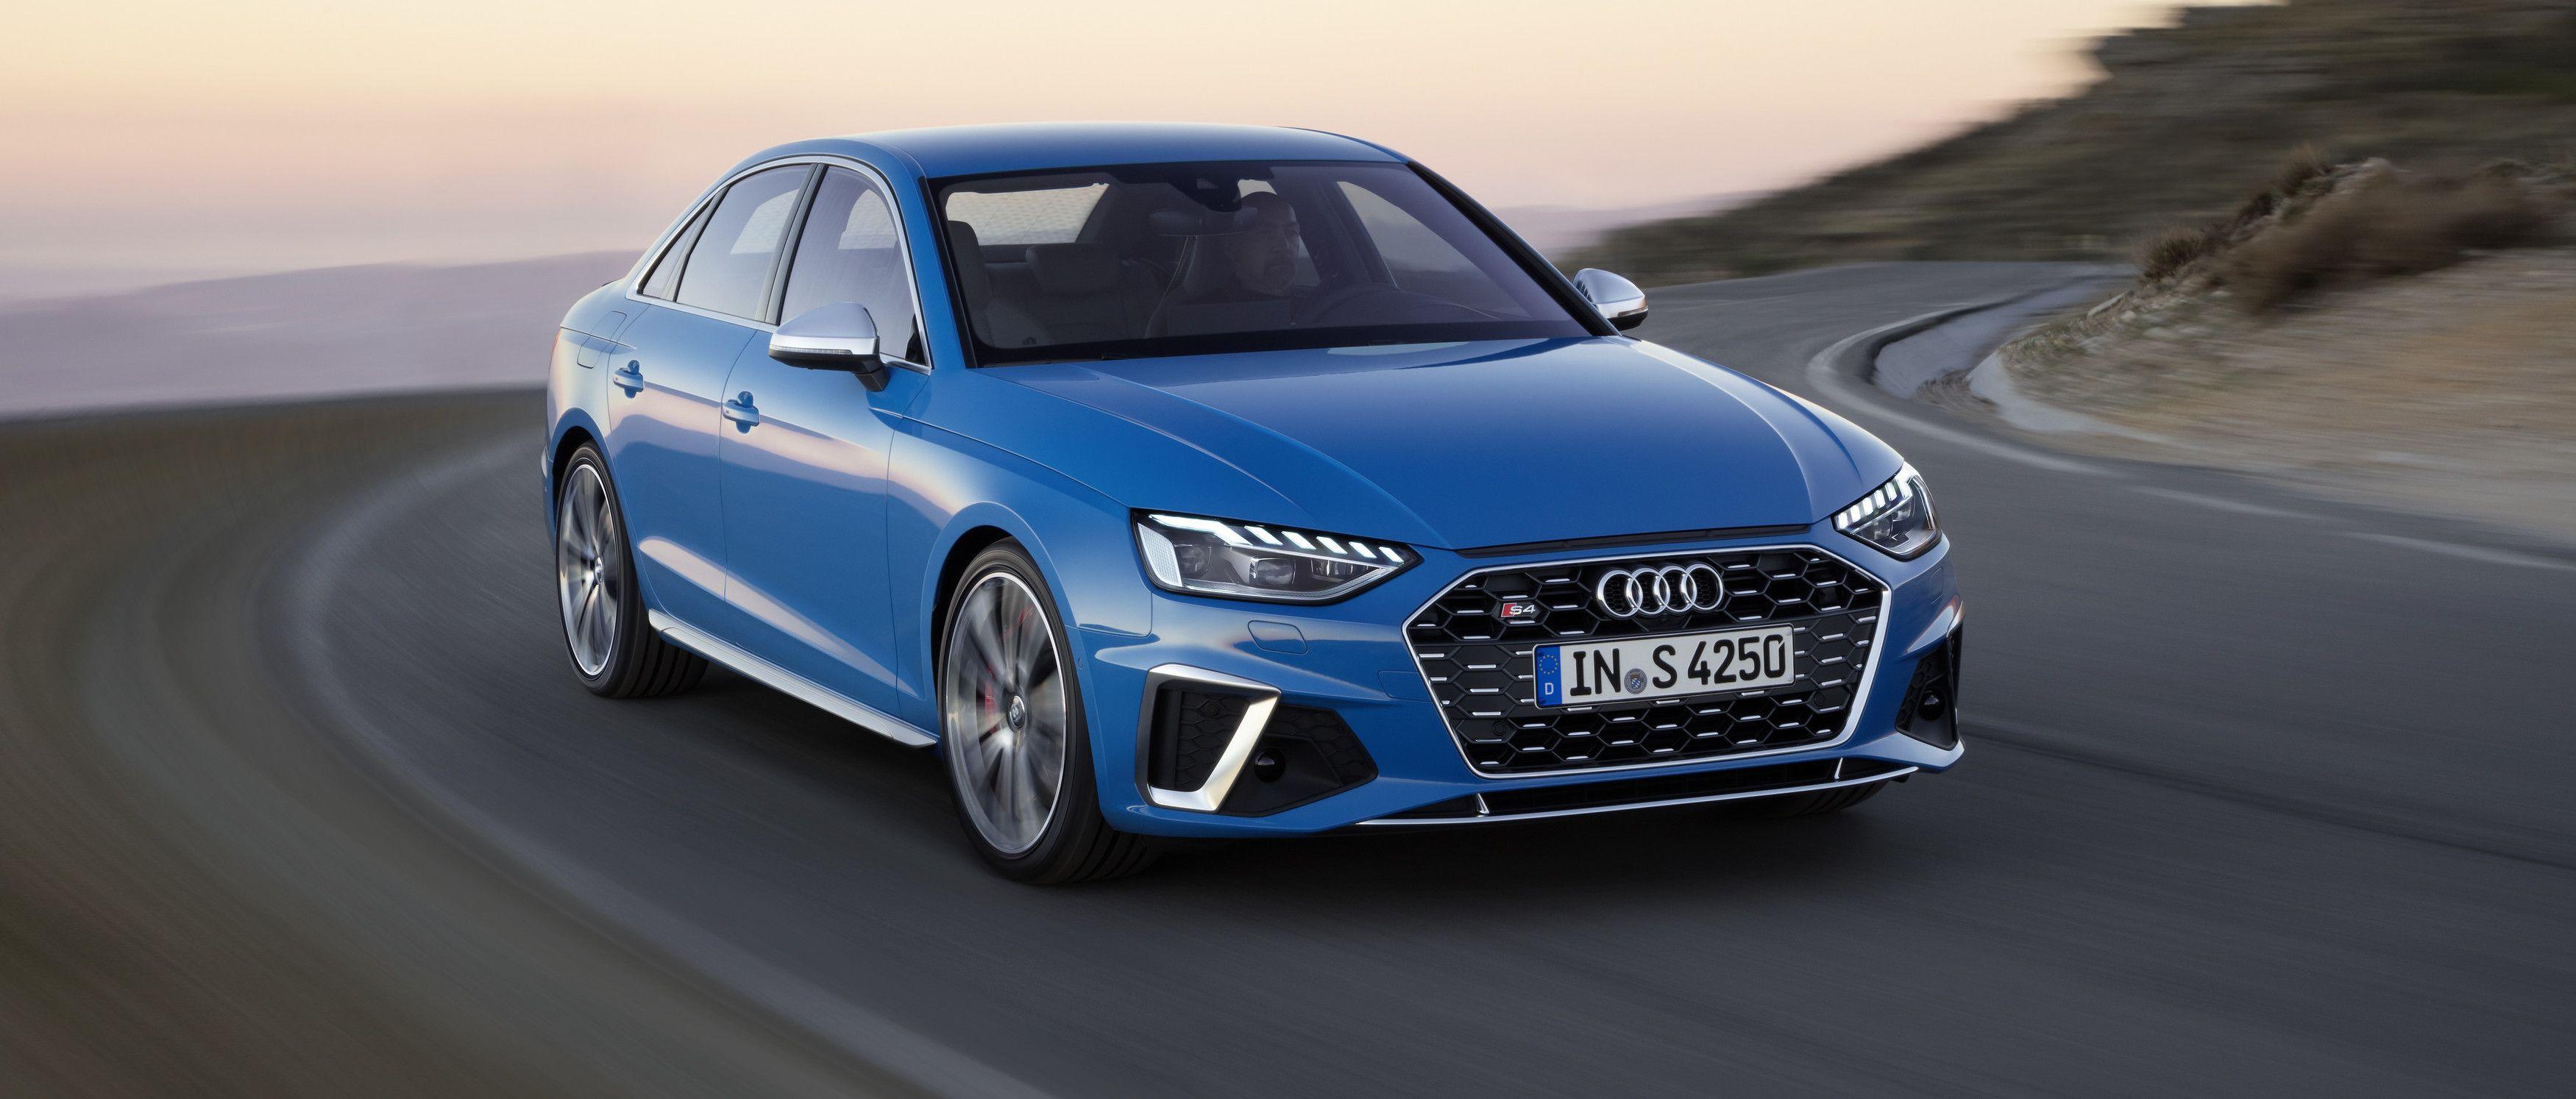 Audi A4 Serieux Restylage Pour Toutes Les Versions Audi S4 Audi A4 Audi Usa